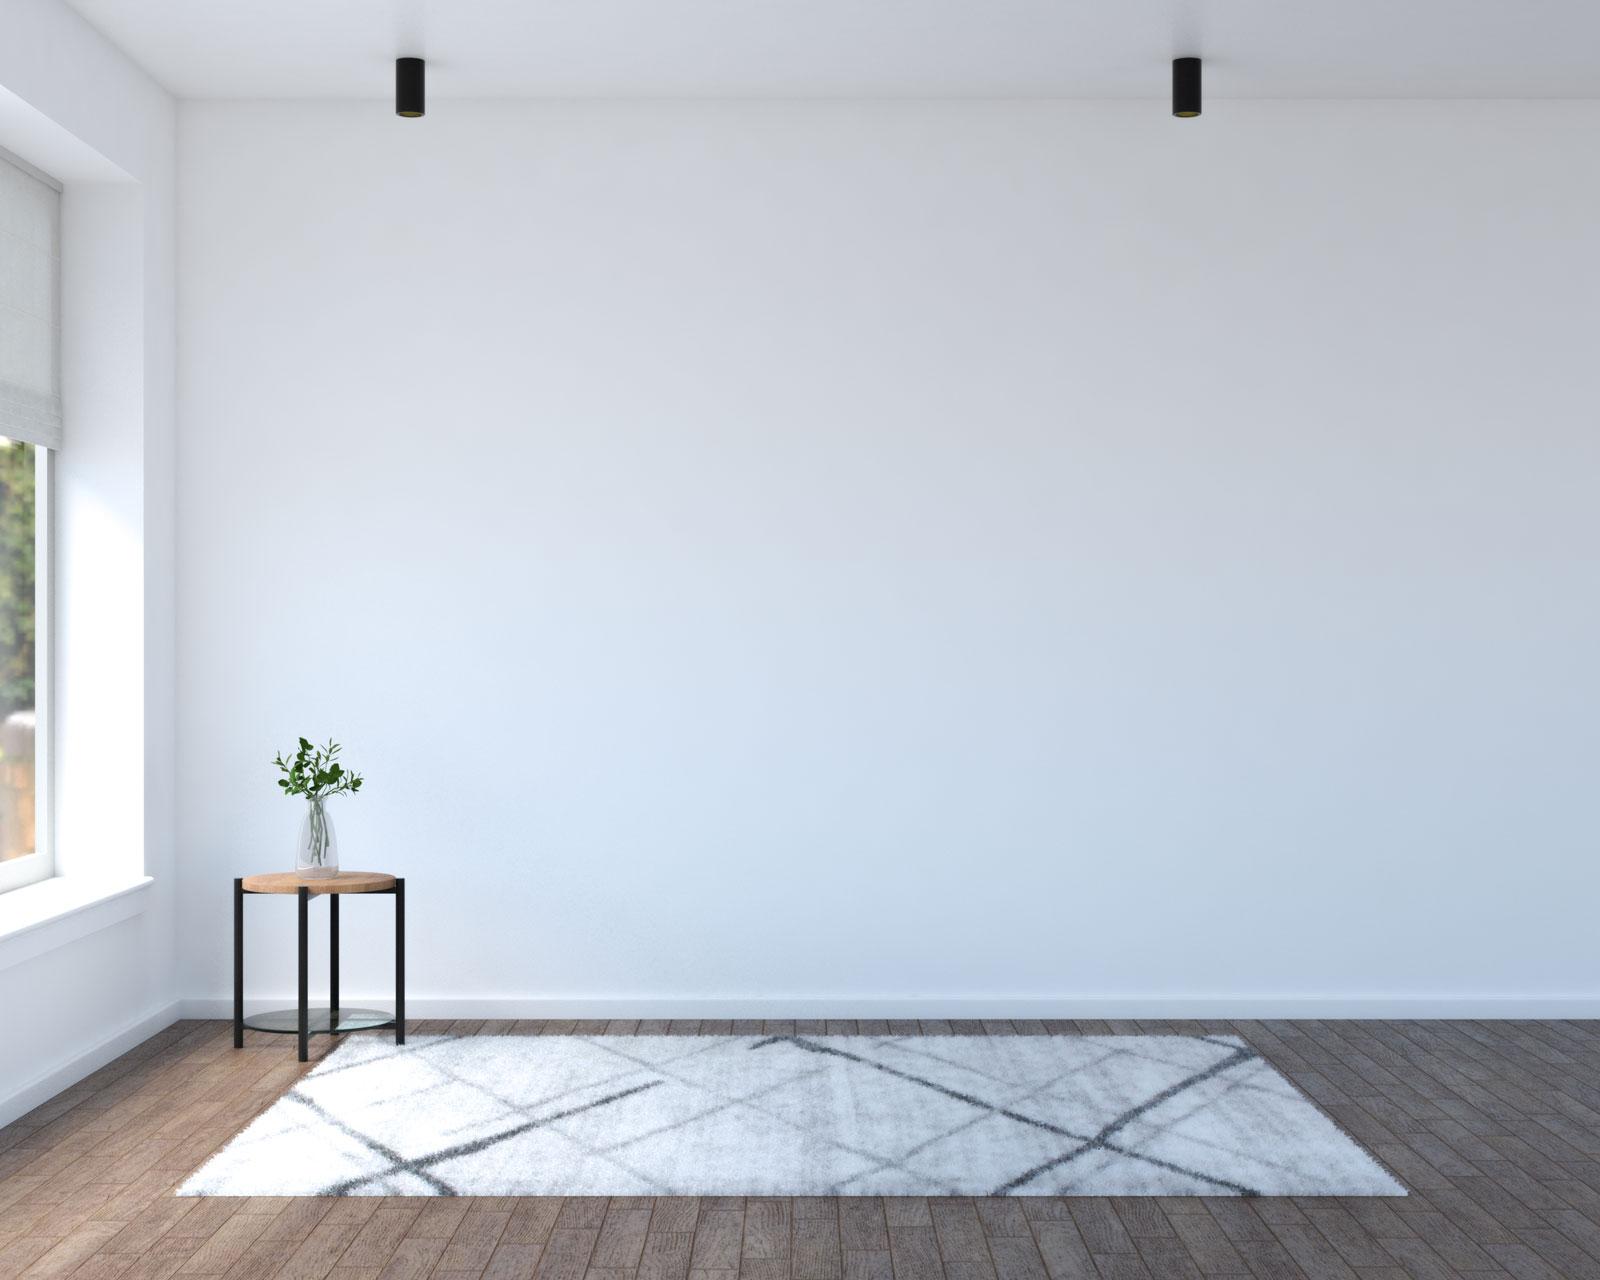 Contemporary light gray area rug